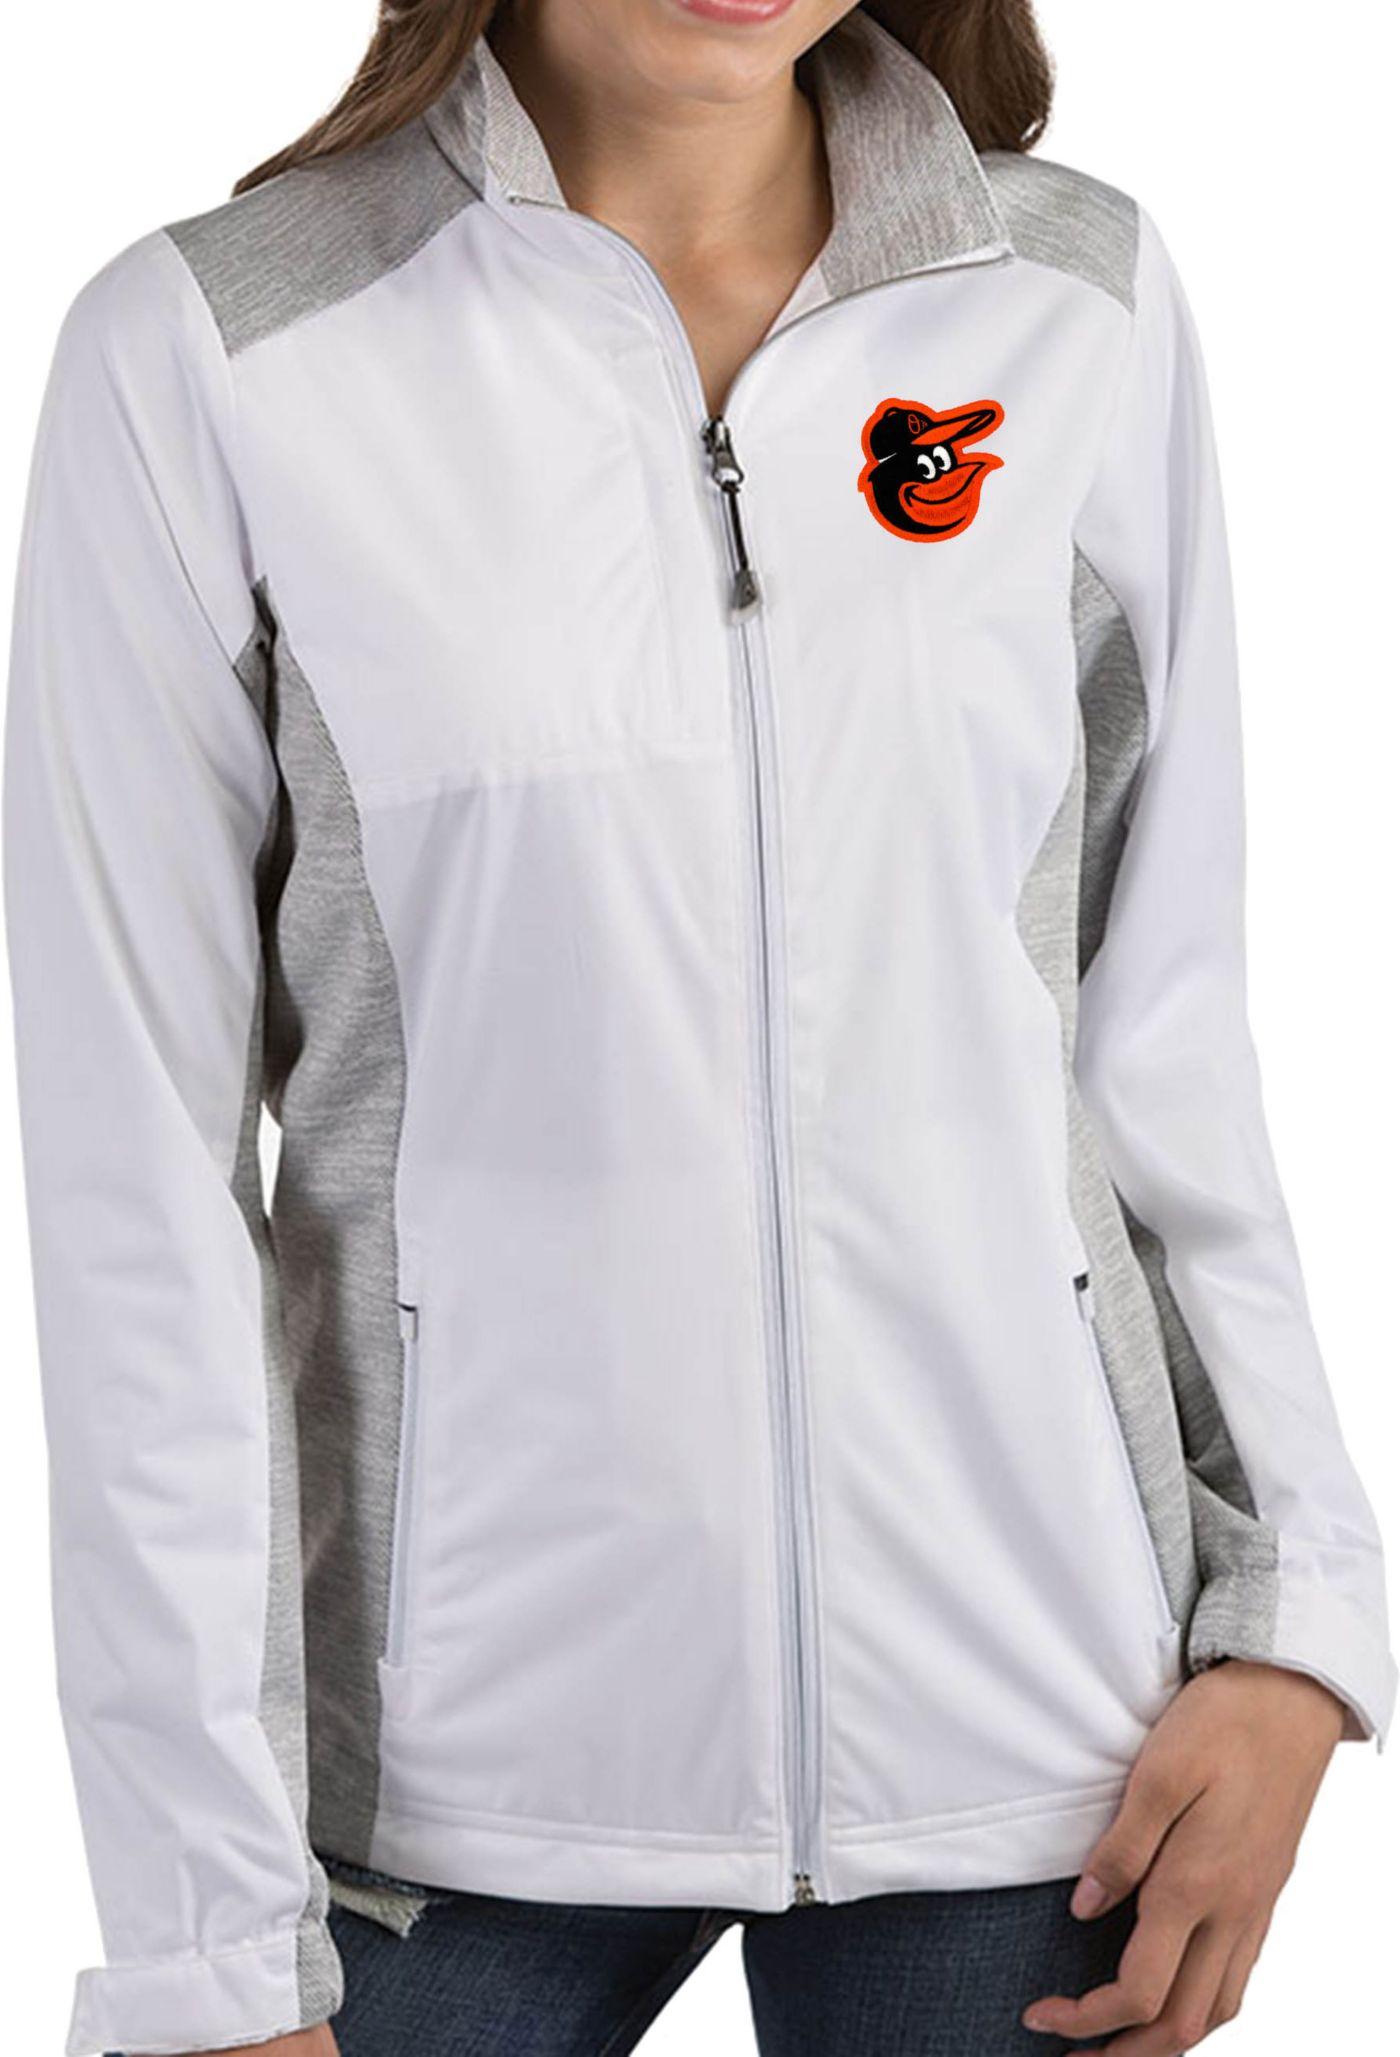 Antigua Women's Baltimore Orioles Revolve White Full-Zip Jacket